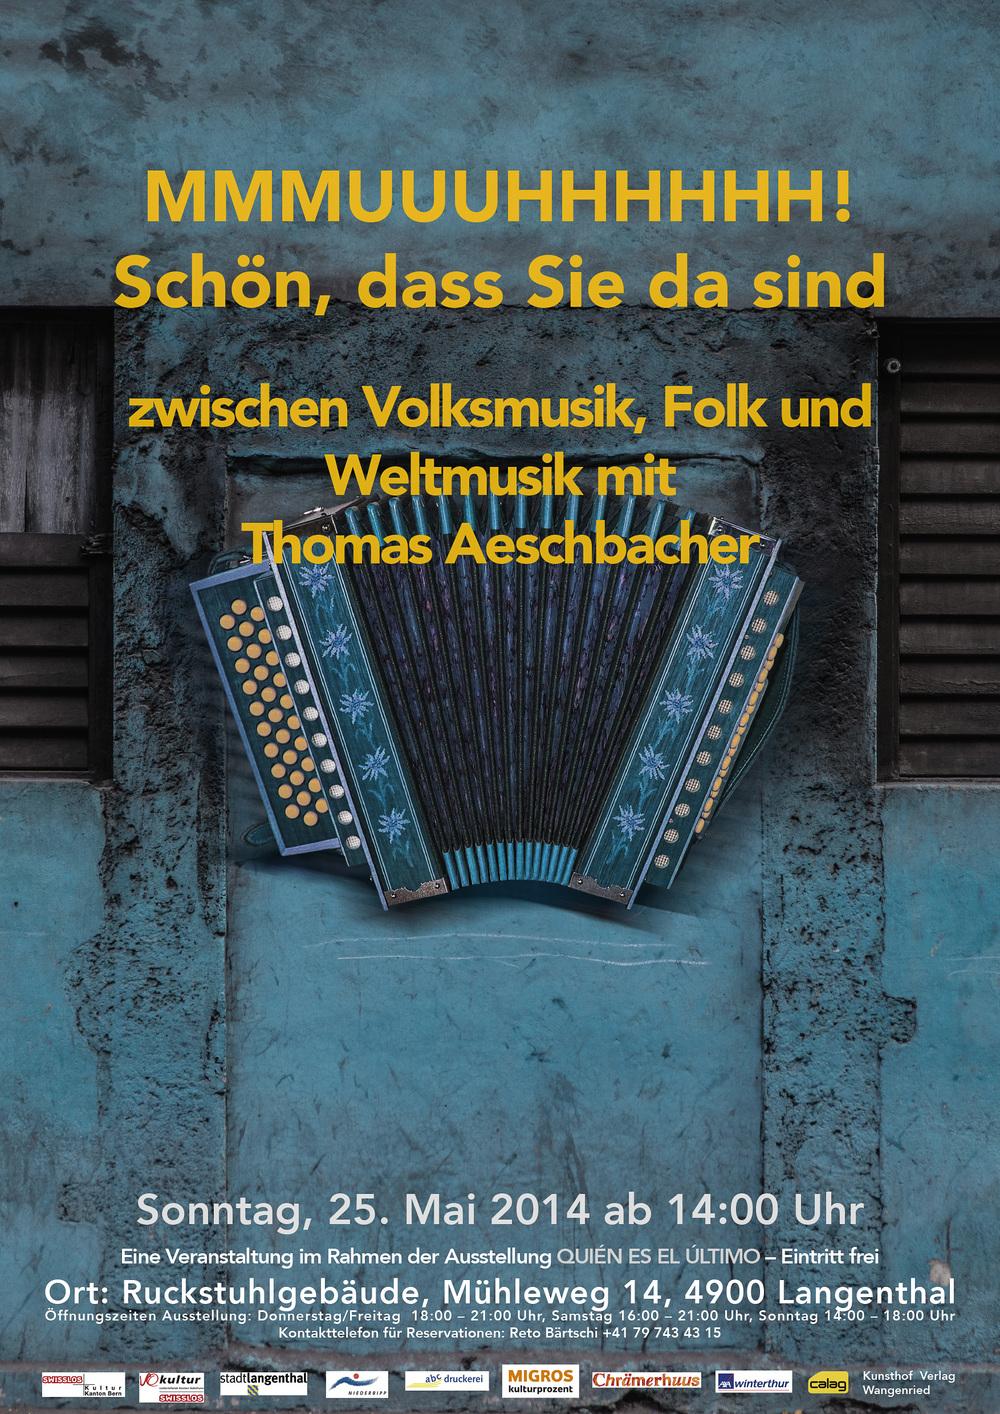 3_Plakat A3 Aeschbacher .jpg